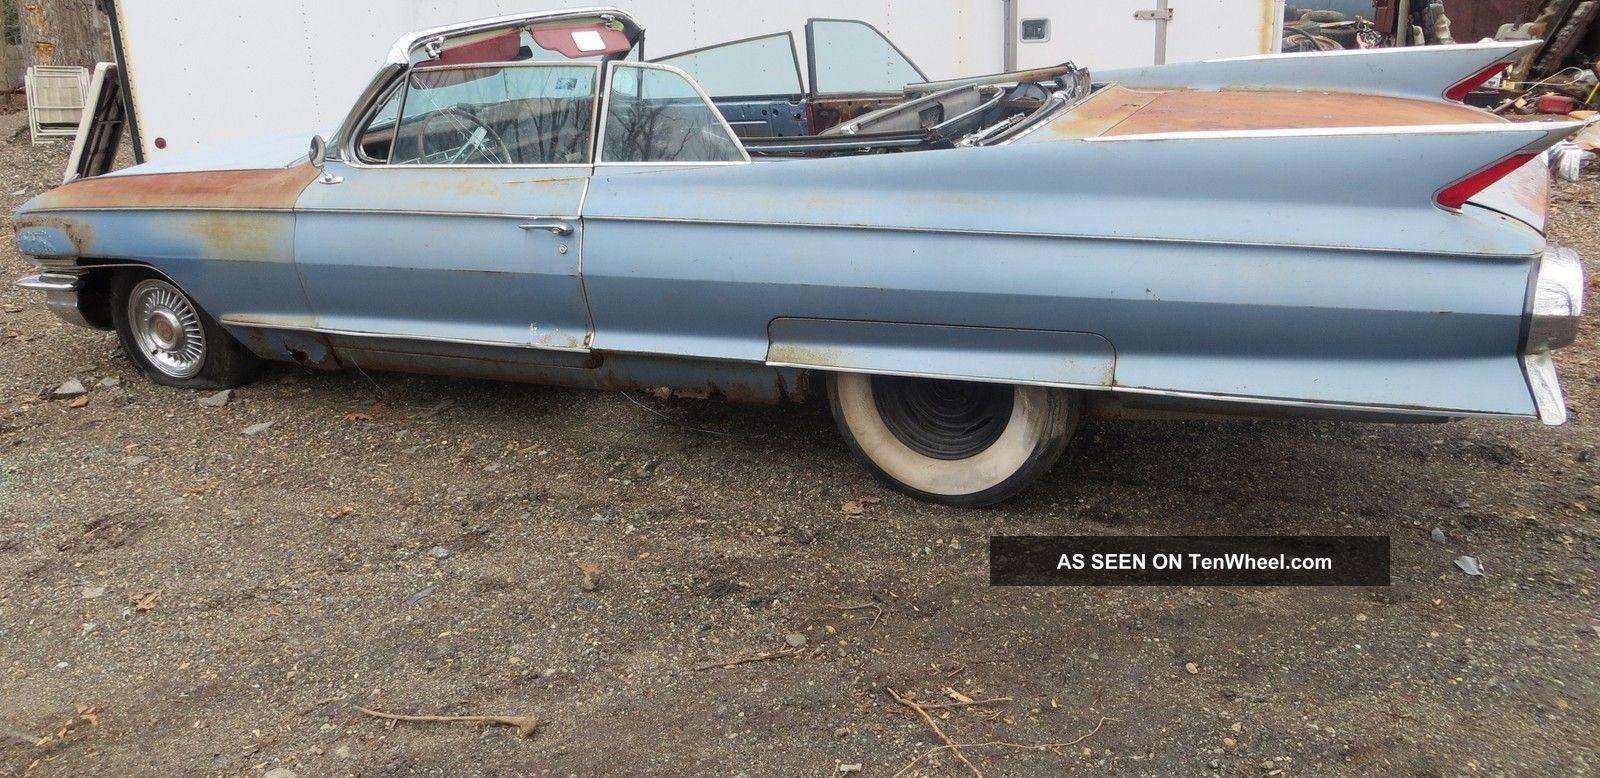 1961 Eldorado Project Car No Res Must Sell May Deliver Eldorado photo